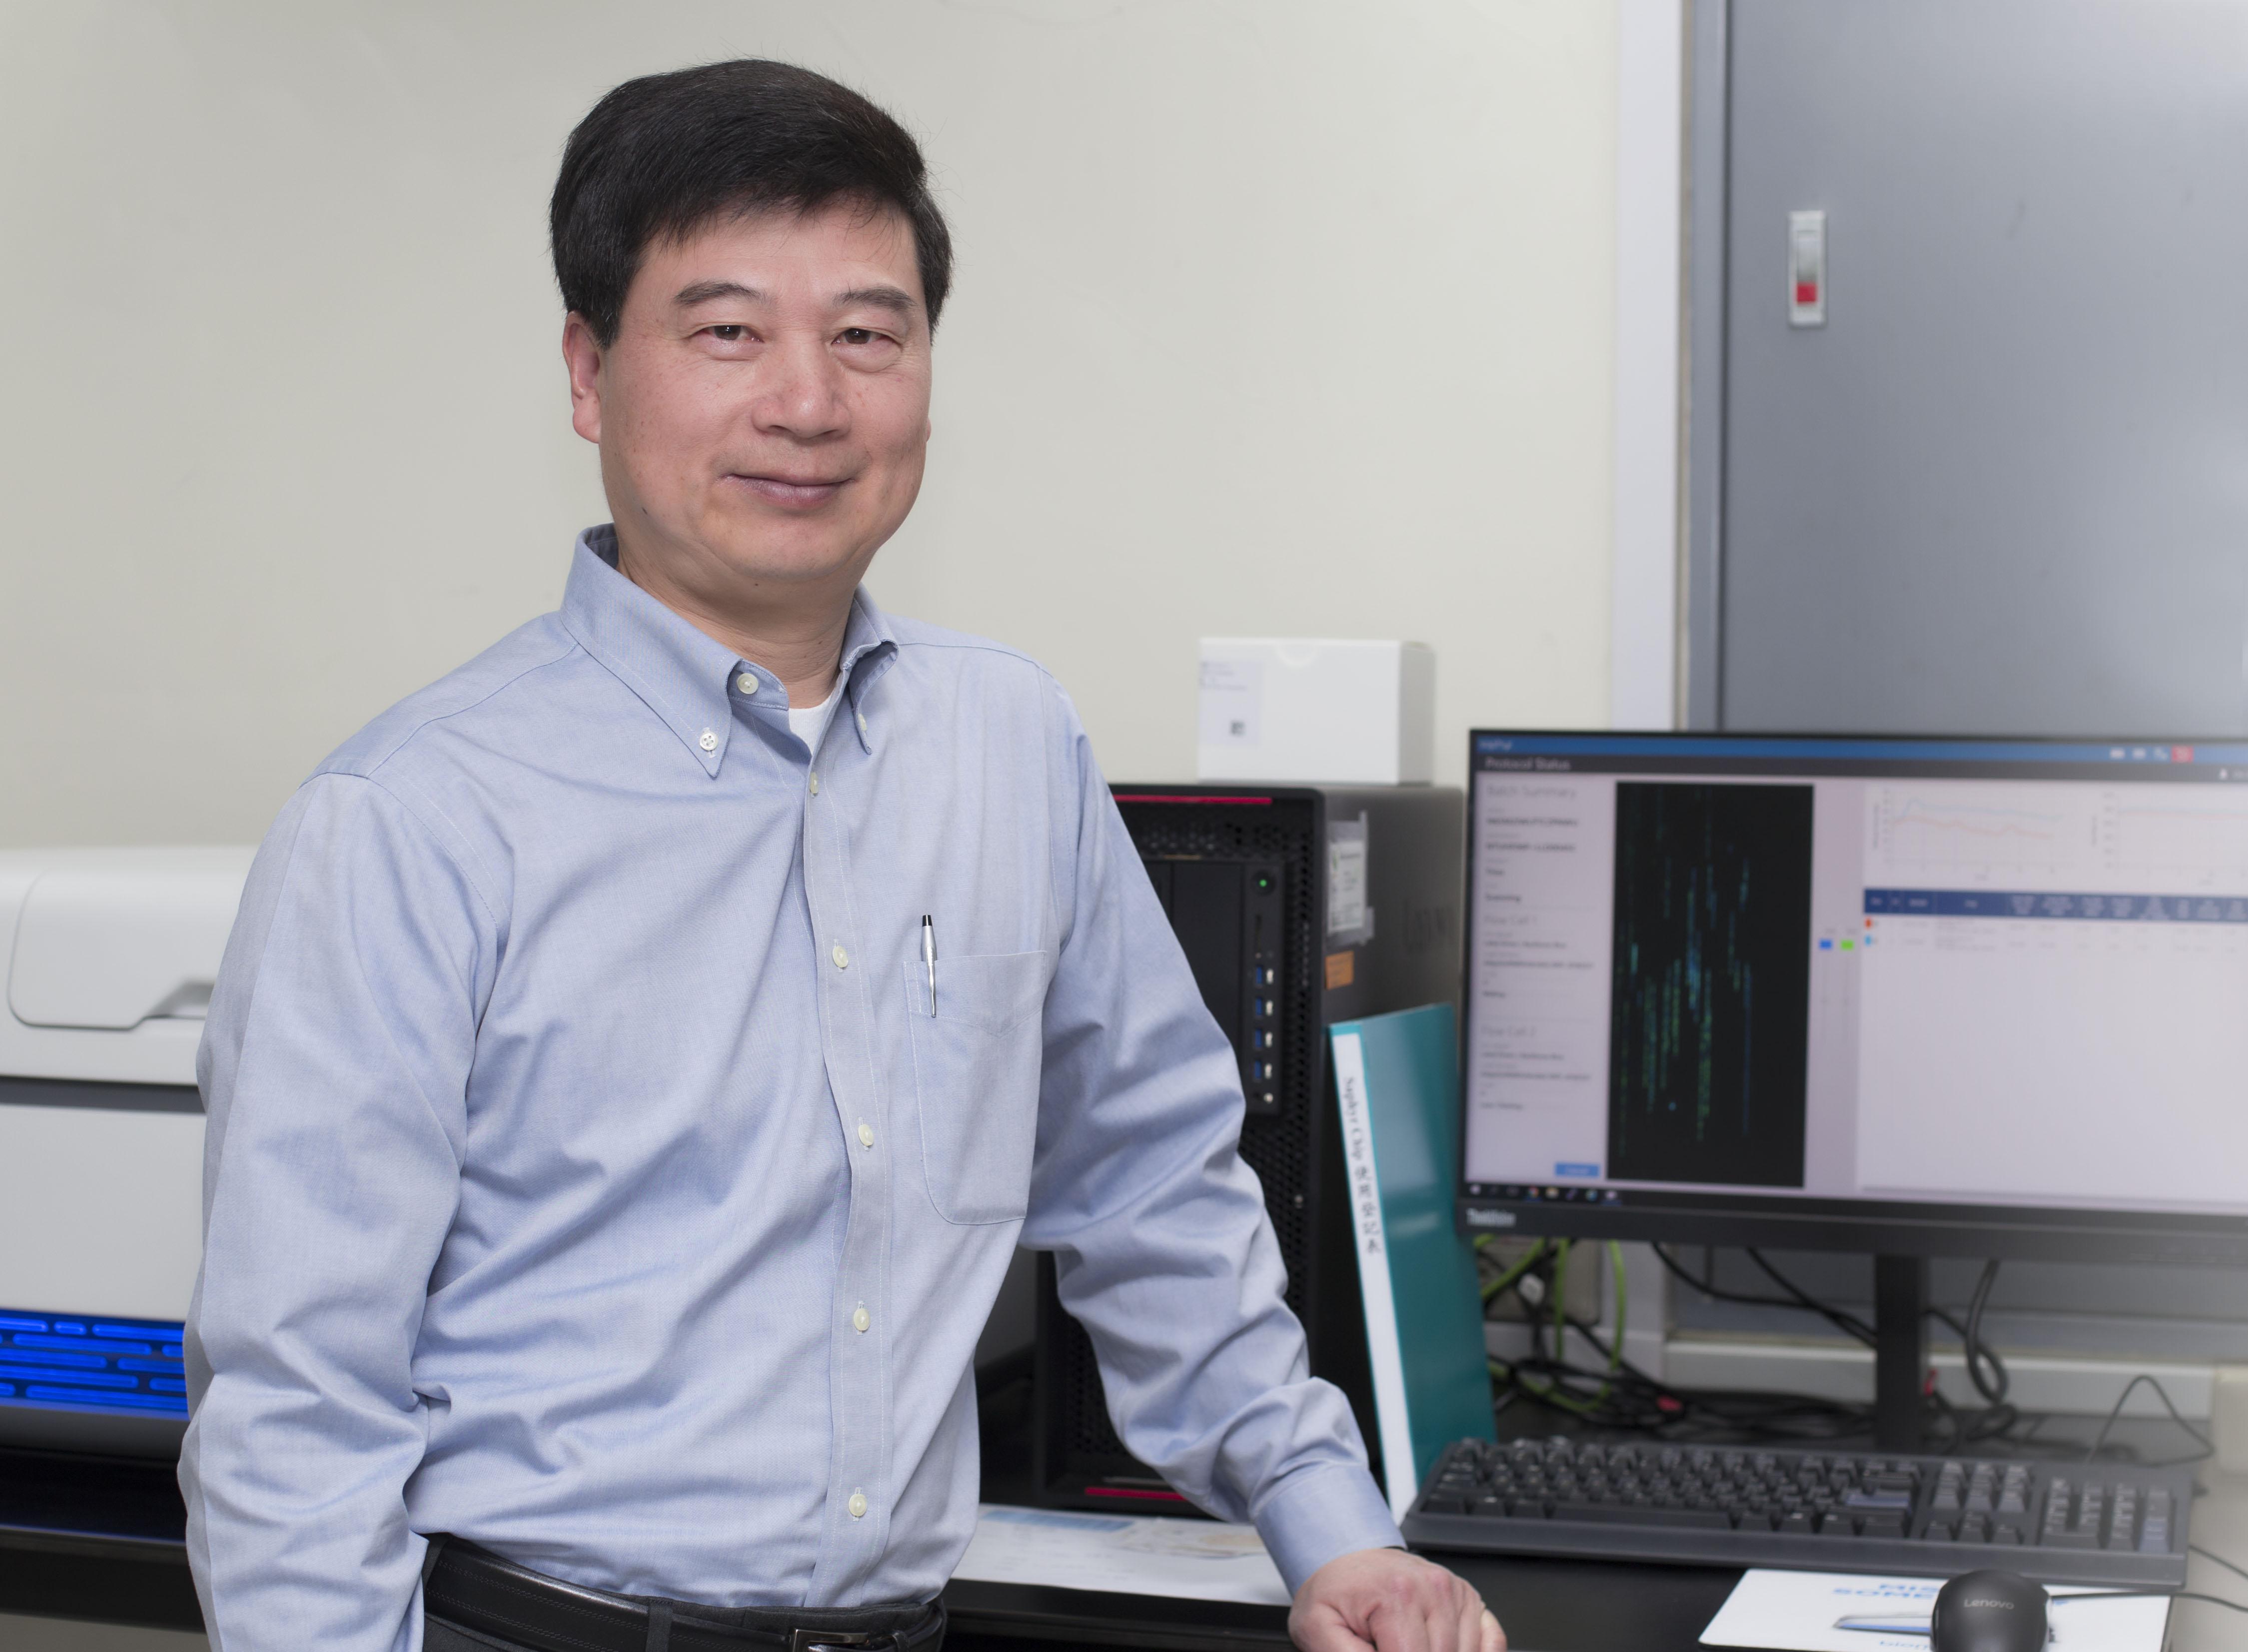 中研院生物醫學科學研究所(簡稱生醫所)所長郭沛恩與研究團隊,正努力推行兩個基因分析計畫:一個針對罕見遺傳疾病;另一個則力求讓大眾問診、用藥更加精確。圖│研之有物